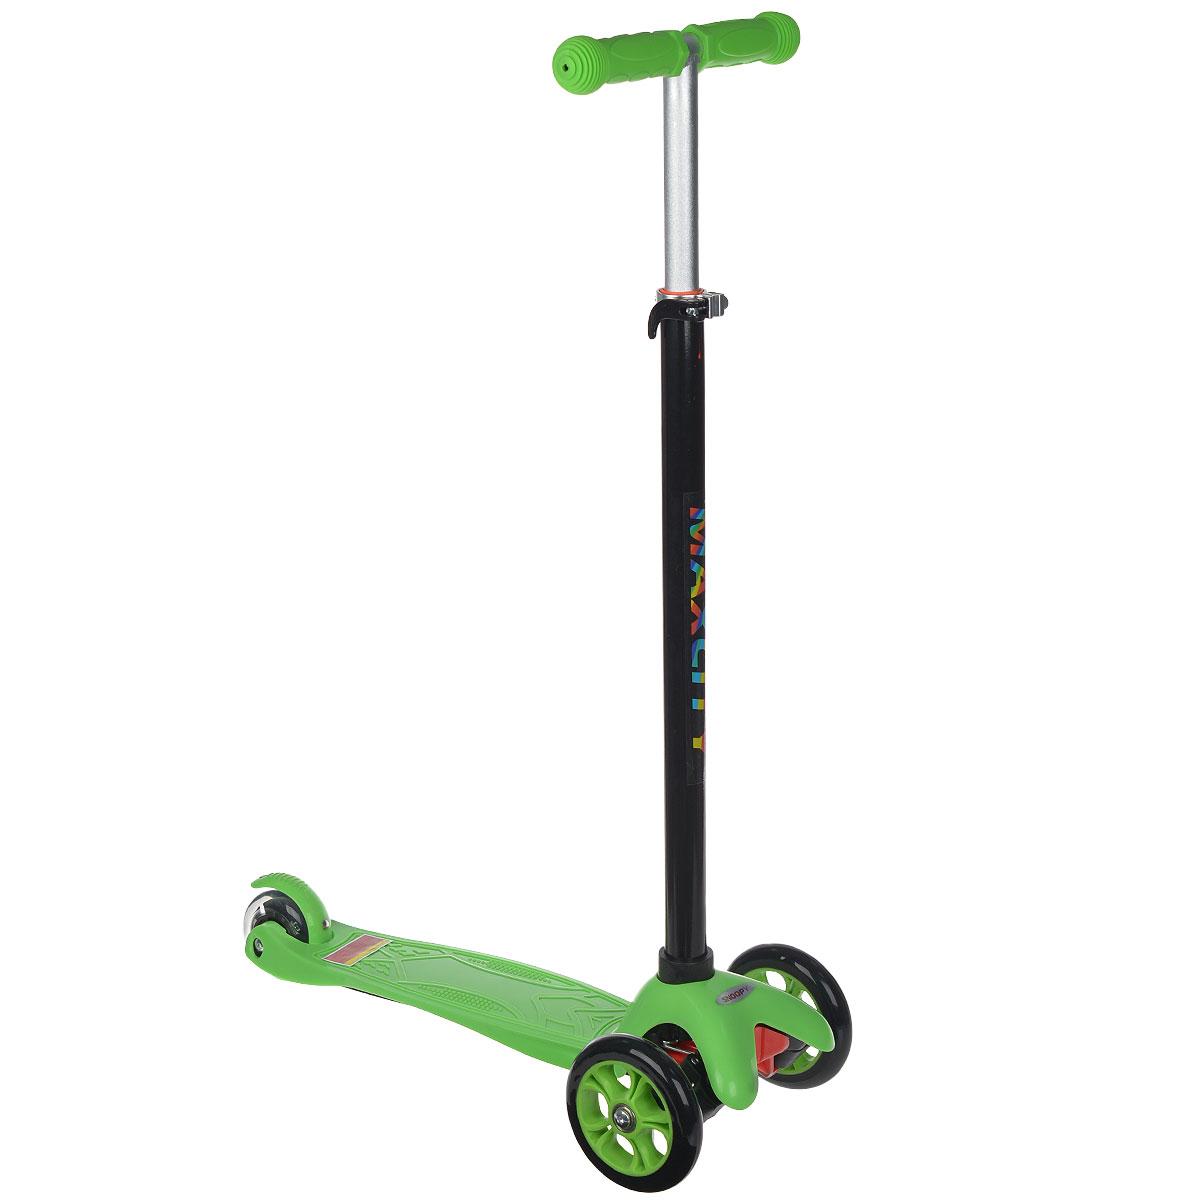 Самокат трехколесный MaxCity Snoopy, цвет: зеленыйУТ-00011Самокат MaxCity Snoopy предназначается для самых маленьких. Детки в возрасте от трех до пяти лет придут в неописуемый восторг от подобного подарка! Самокат изготовлен из сверхпрочных современных материалов. Поэтому он легко выдерживает вес 30 кг! Вы можете полностью быть уверены в безопасности вашего малыша. У самоката имеется три колеса, поэтому он обладает отличной устойчивостью! Оснащен пяточным тормозом. Заднее колесо светится при езде.Процесс обучения езде на самокате обладает прекрасным плюсом. Чтобы научиться кататься, ребенку не требуется тренер, который должен на первых порах все время находиться рядом, как было бы при обучении катанию на велосипеде. Это легко объясняется конструкцией данной модели самоката. Ваш малыш сможет быстро освоить, как нужно кататься. Он ни разу при этом не упадет! Детский транспорт способен приносить ребенку лишь радость.